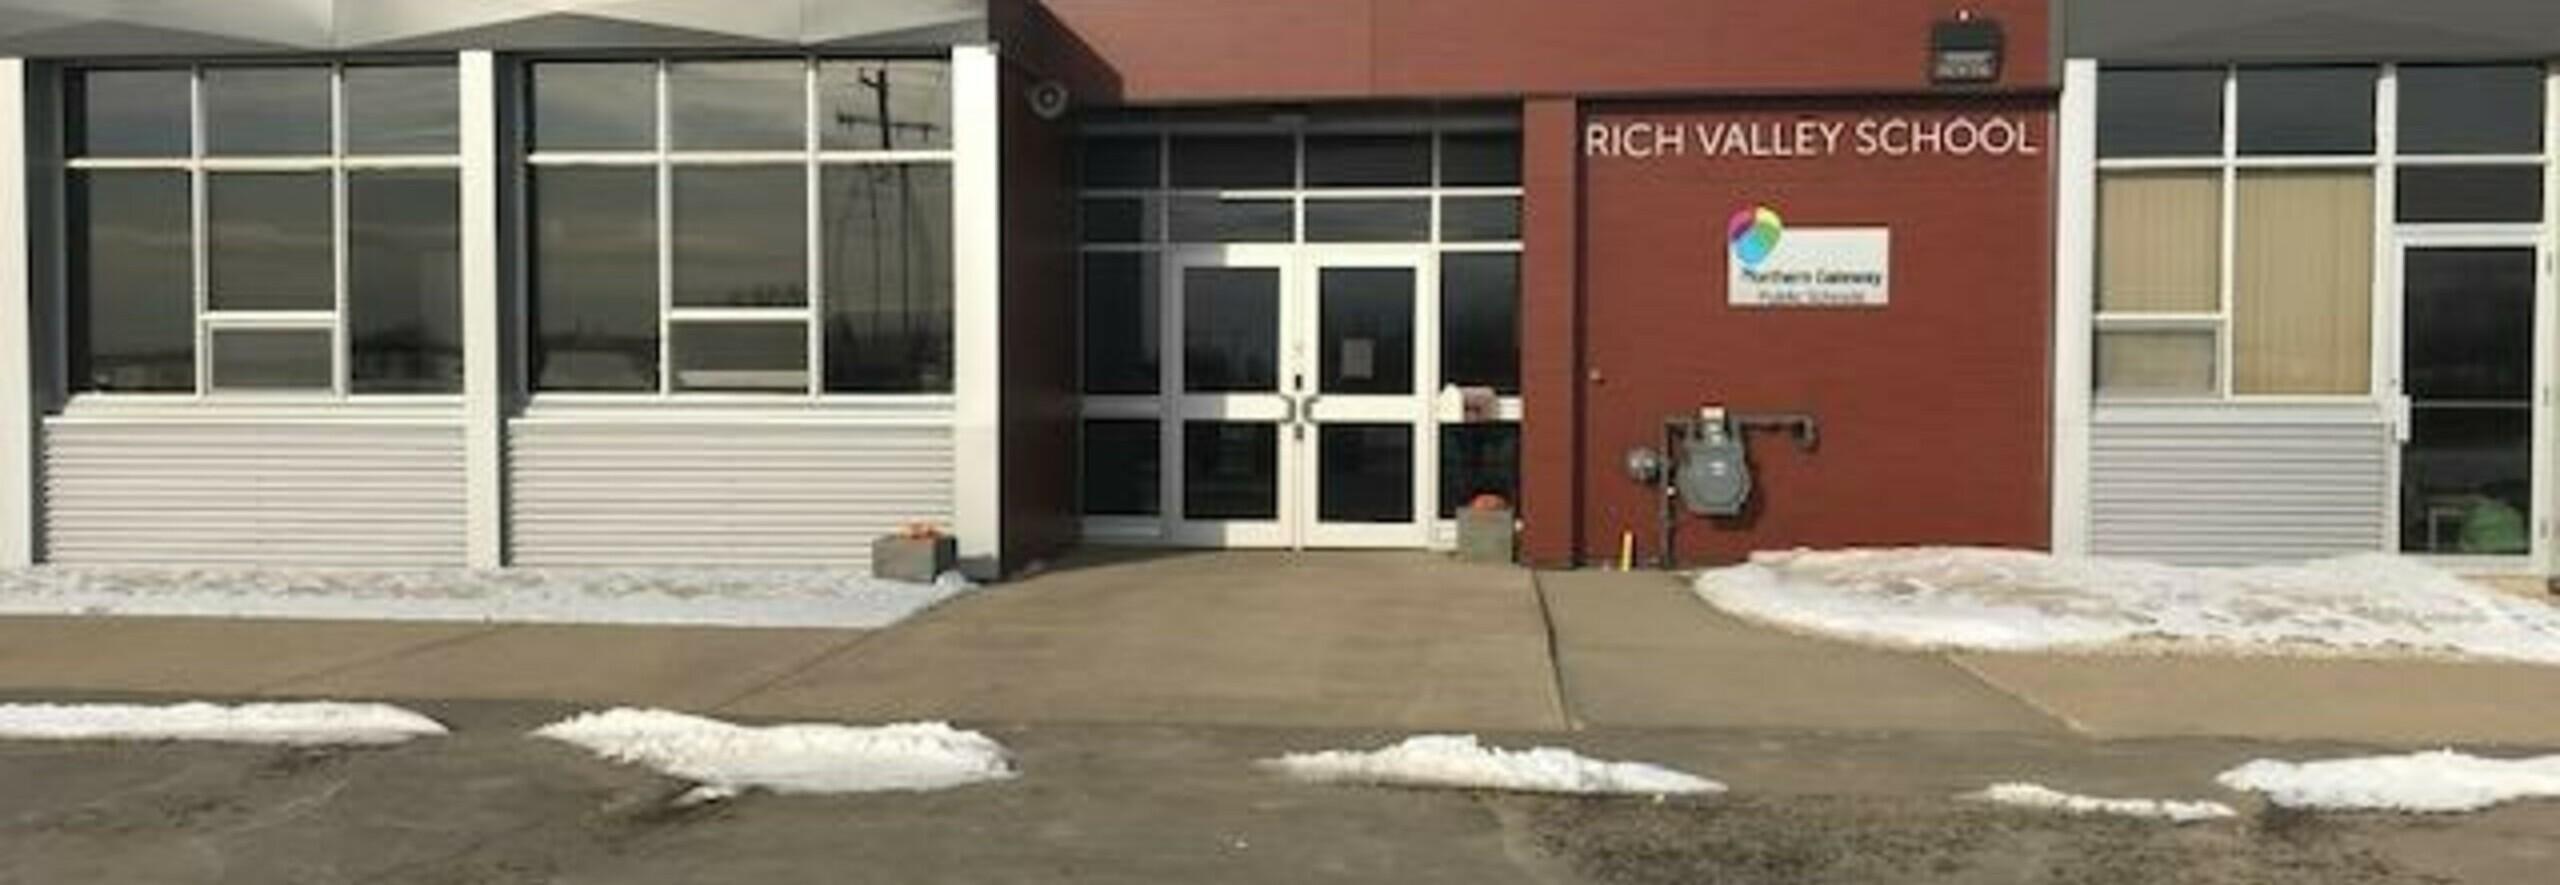 Rich Valley School Banner Photo